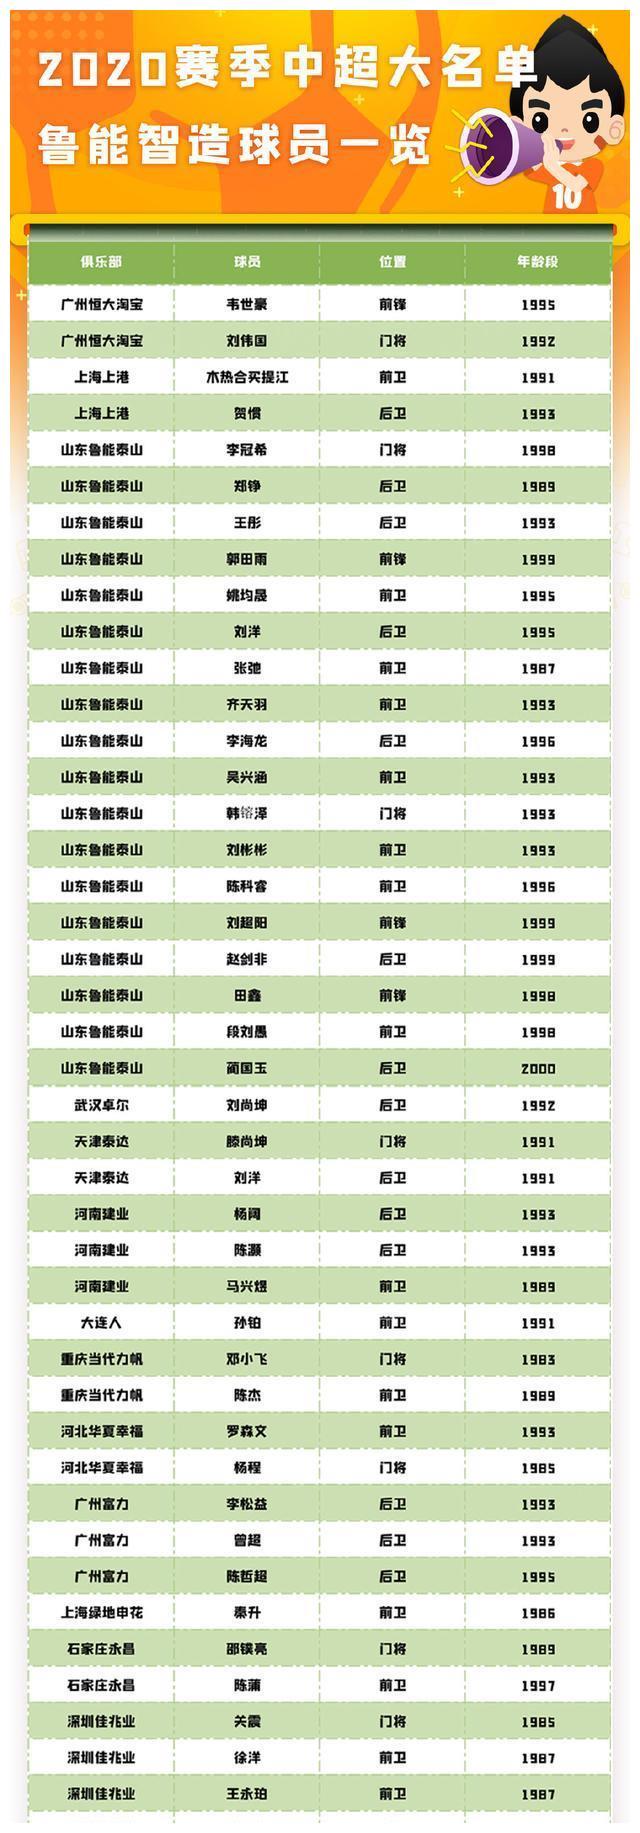 鲁能青训43人报名中超泰山队独占18席仅2队没有鲁能青训